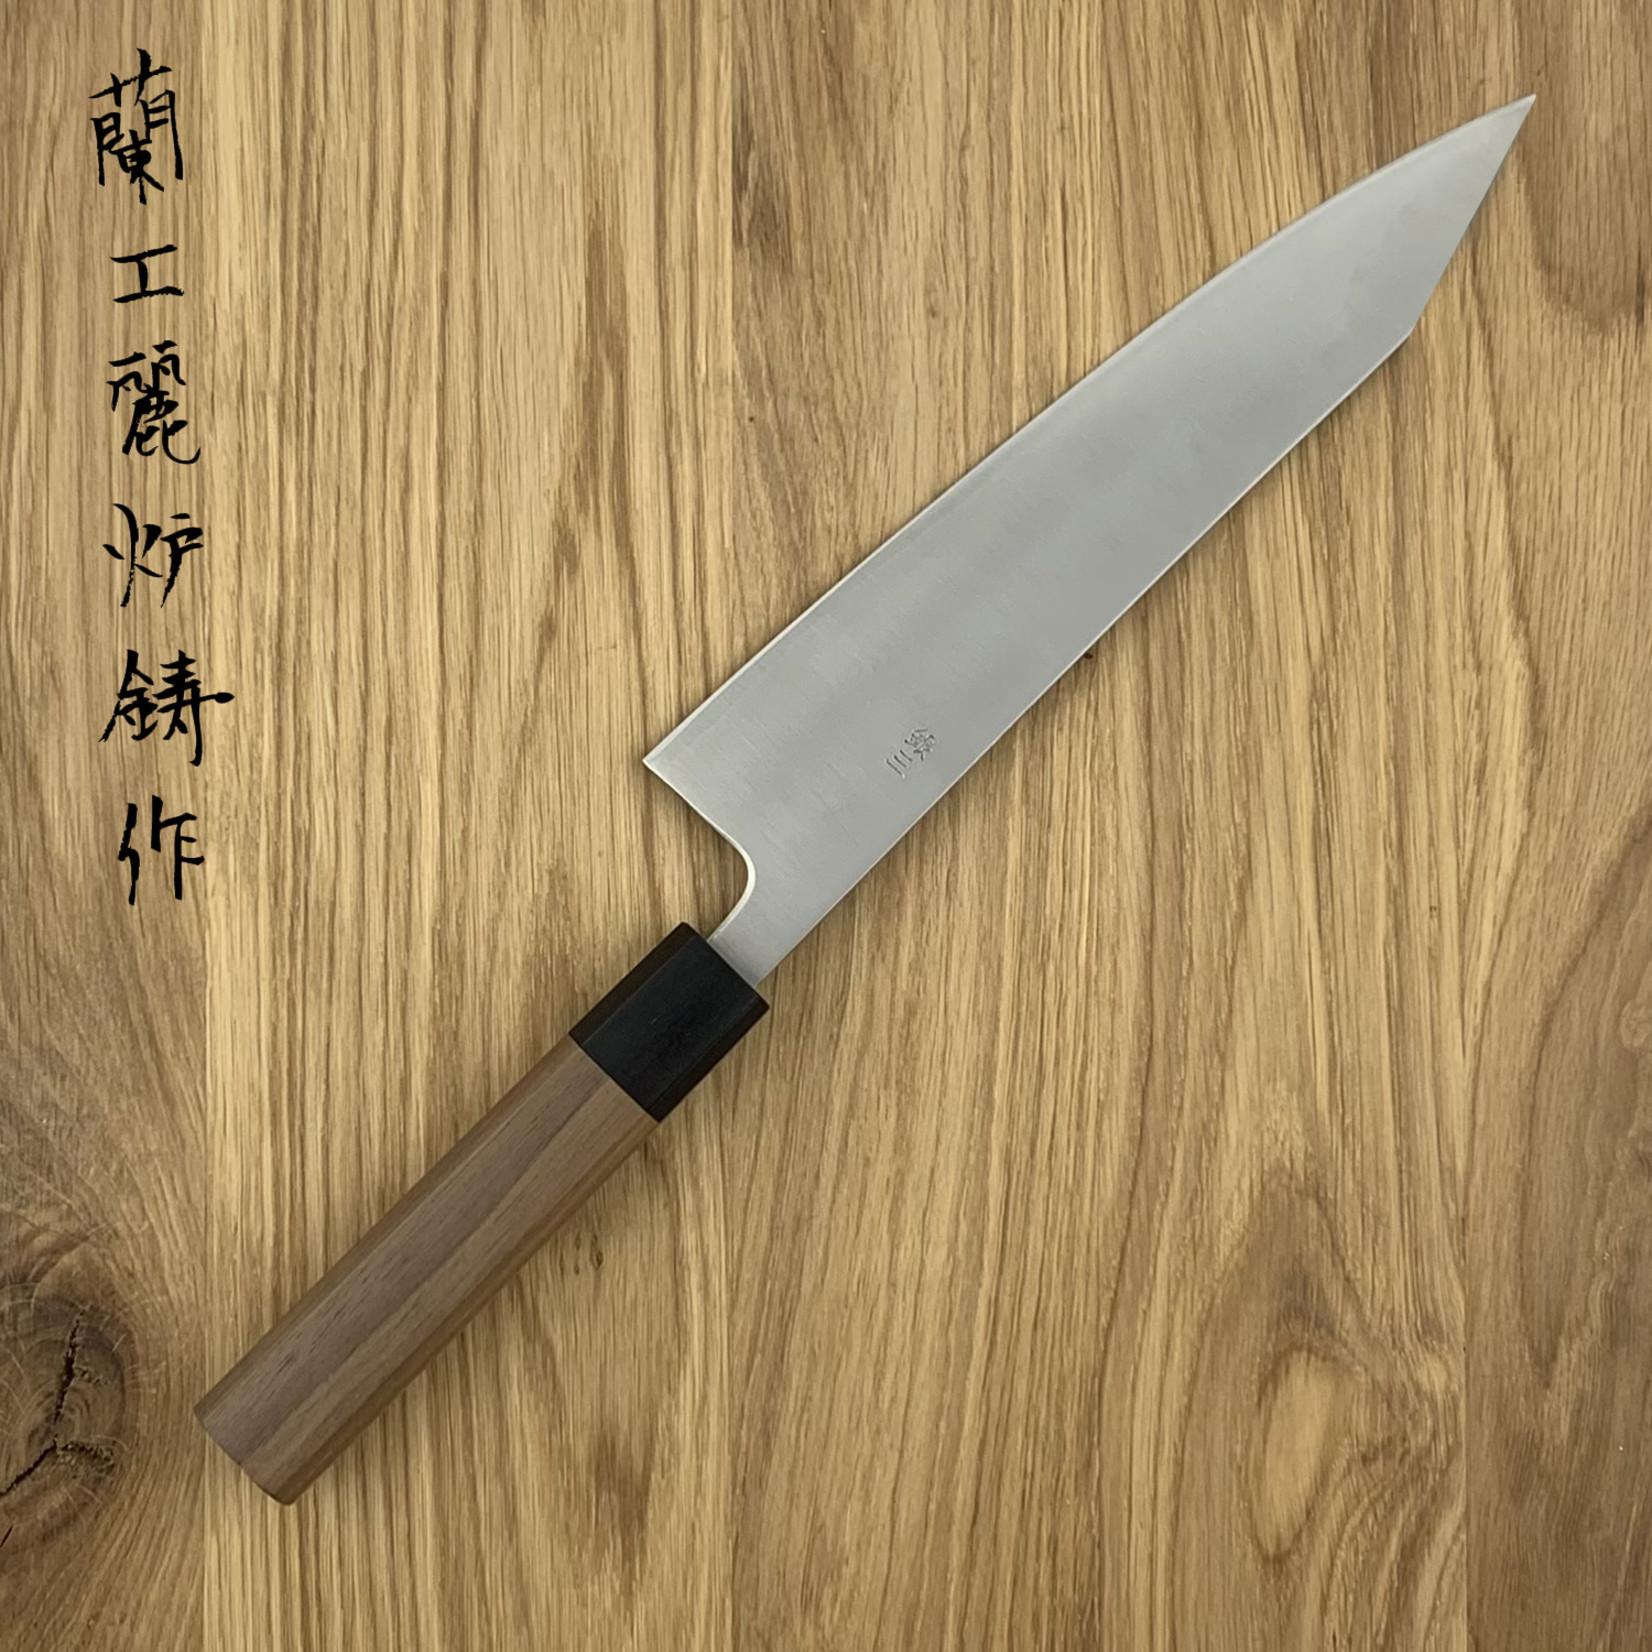 KIKUICHI Ginsan Sanmai Walnut Handle Kiritsuke Gyuto 240mm